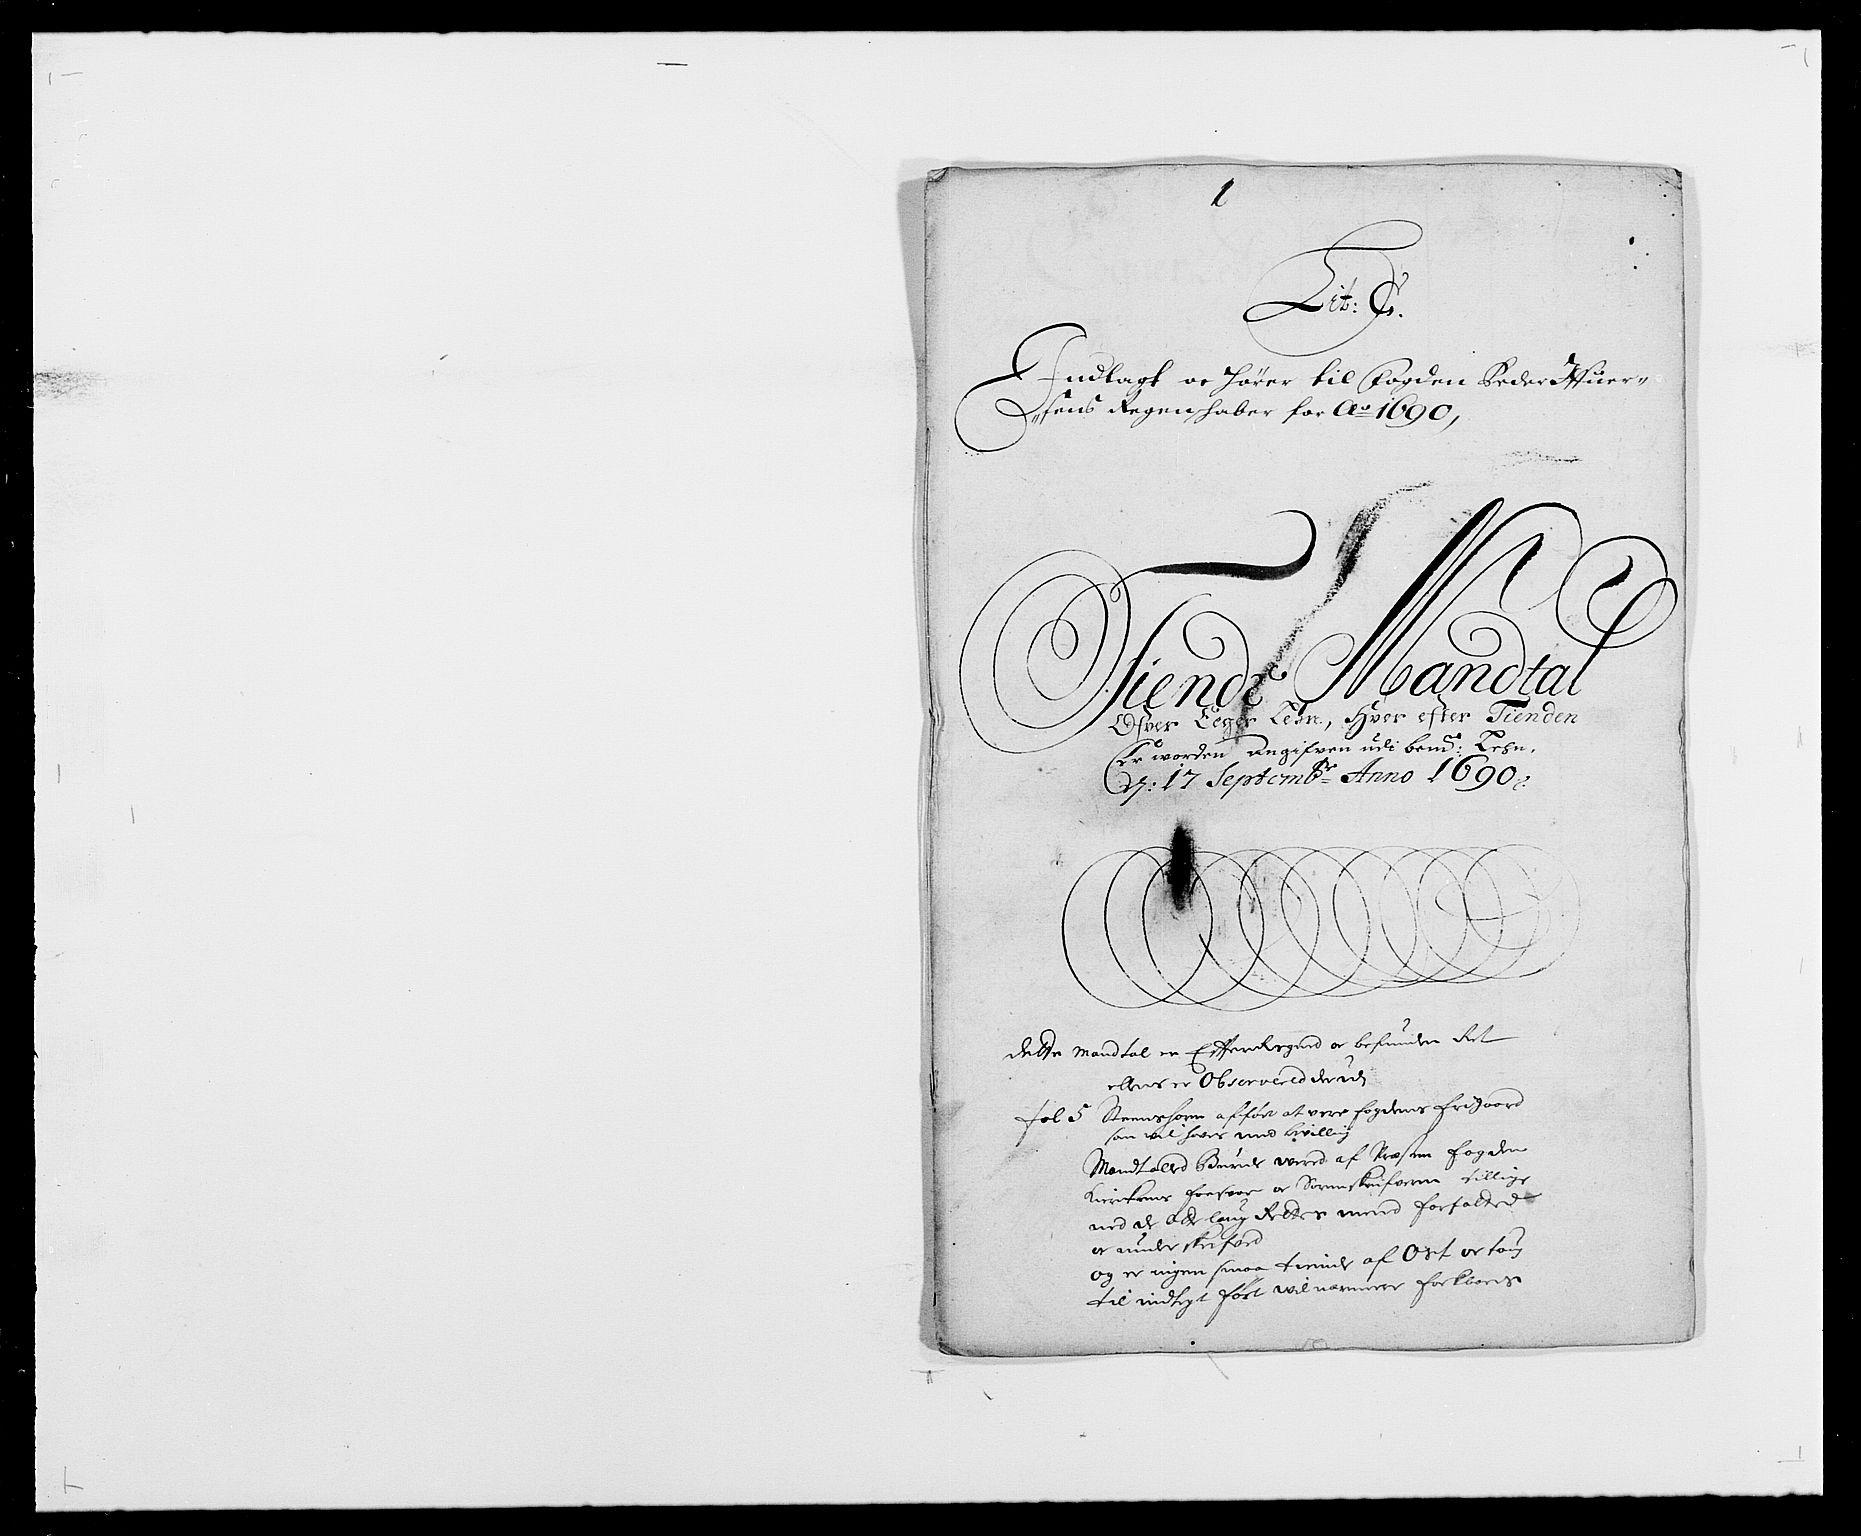 RA, Rentekammeret inntil 1814, Reviderte regnskaper, Fogderegnskap, R28/L1689: Fogderegnskap Eiker og Lier, 1690-1691, s. 23